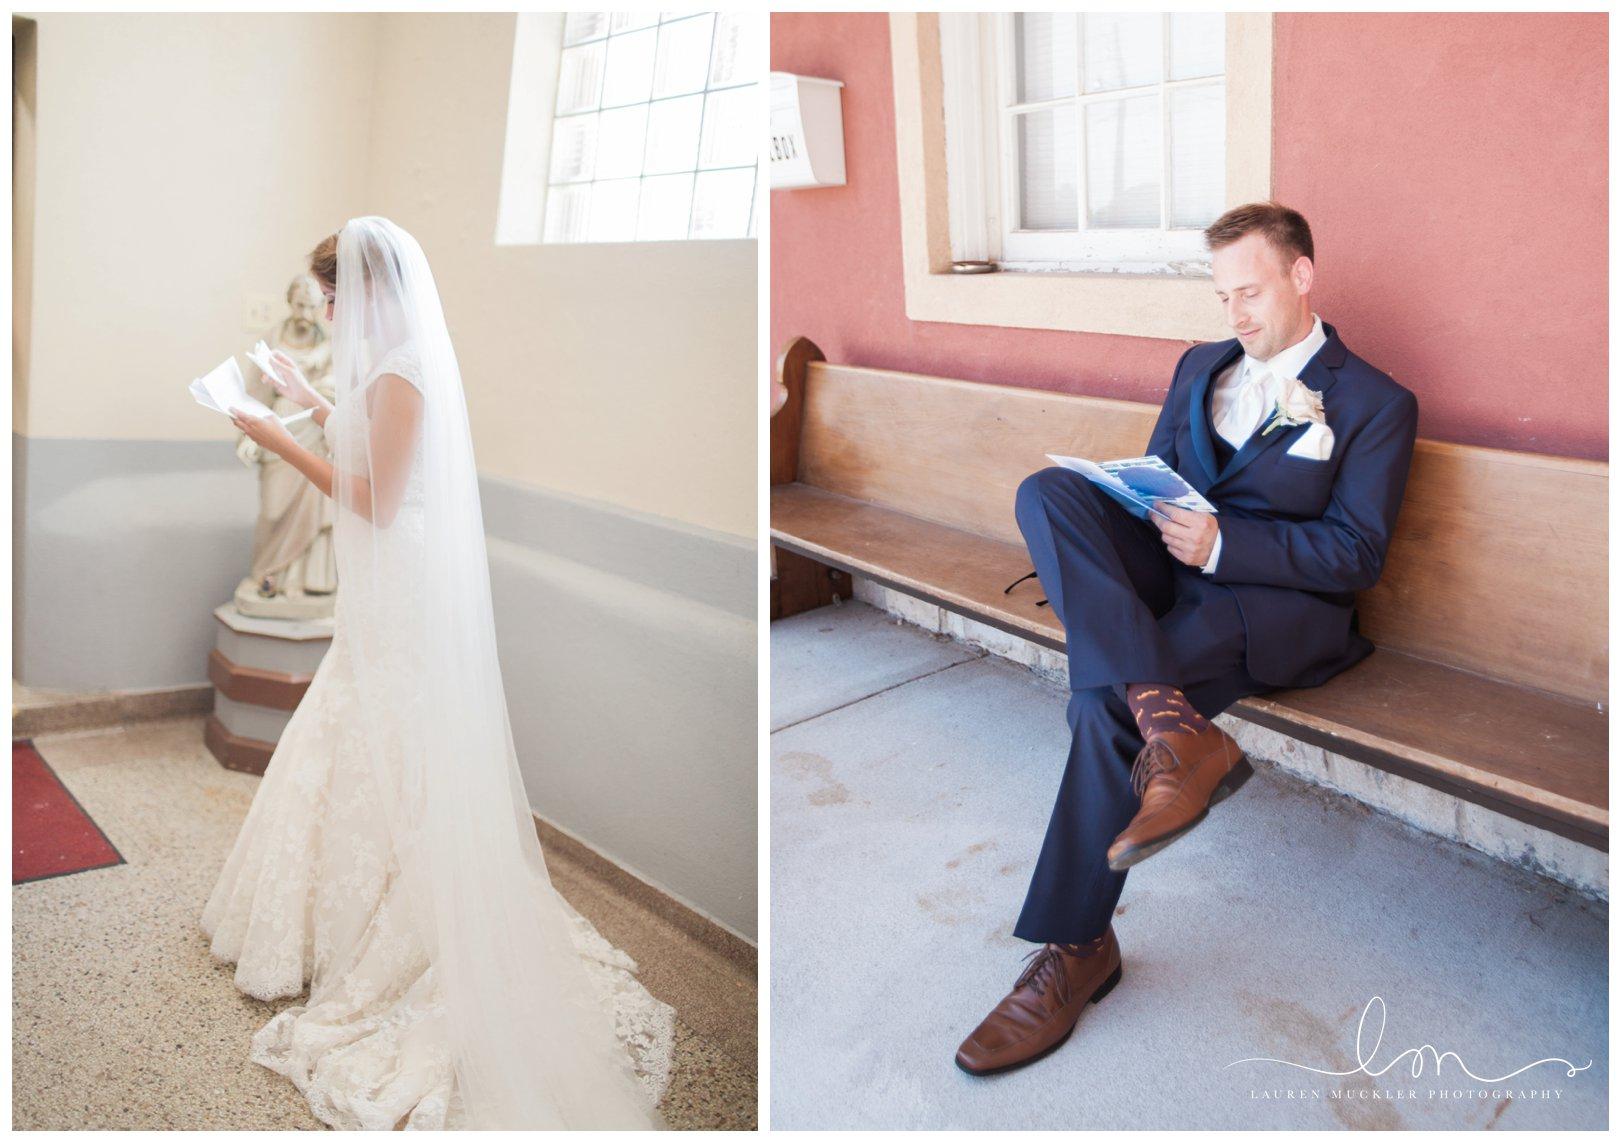 lauren muckler photography_fine art film wedding photography_st louis_photography_0486.jpg